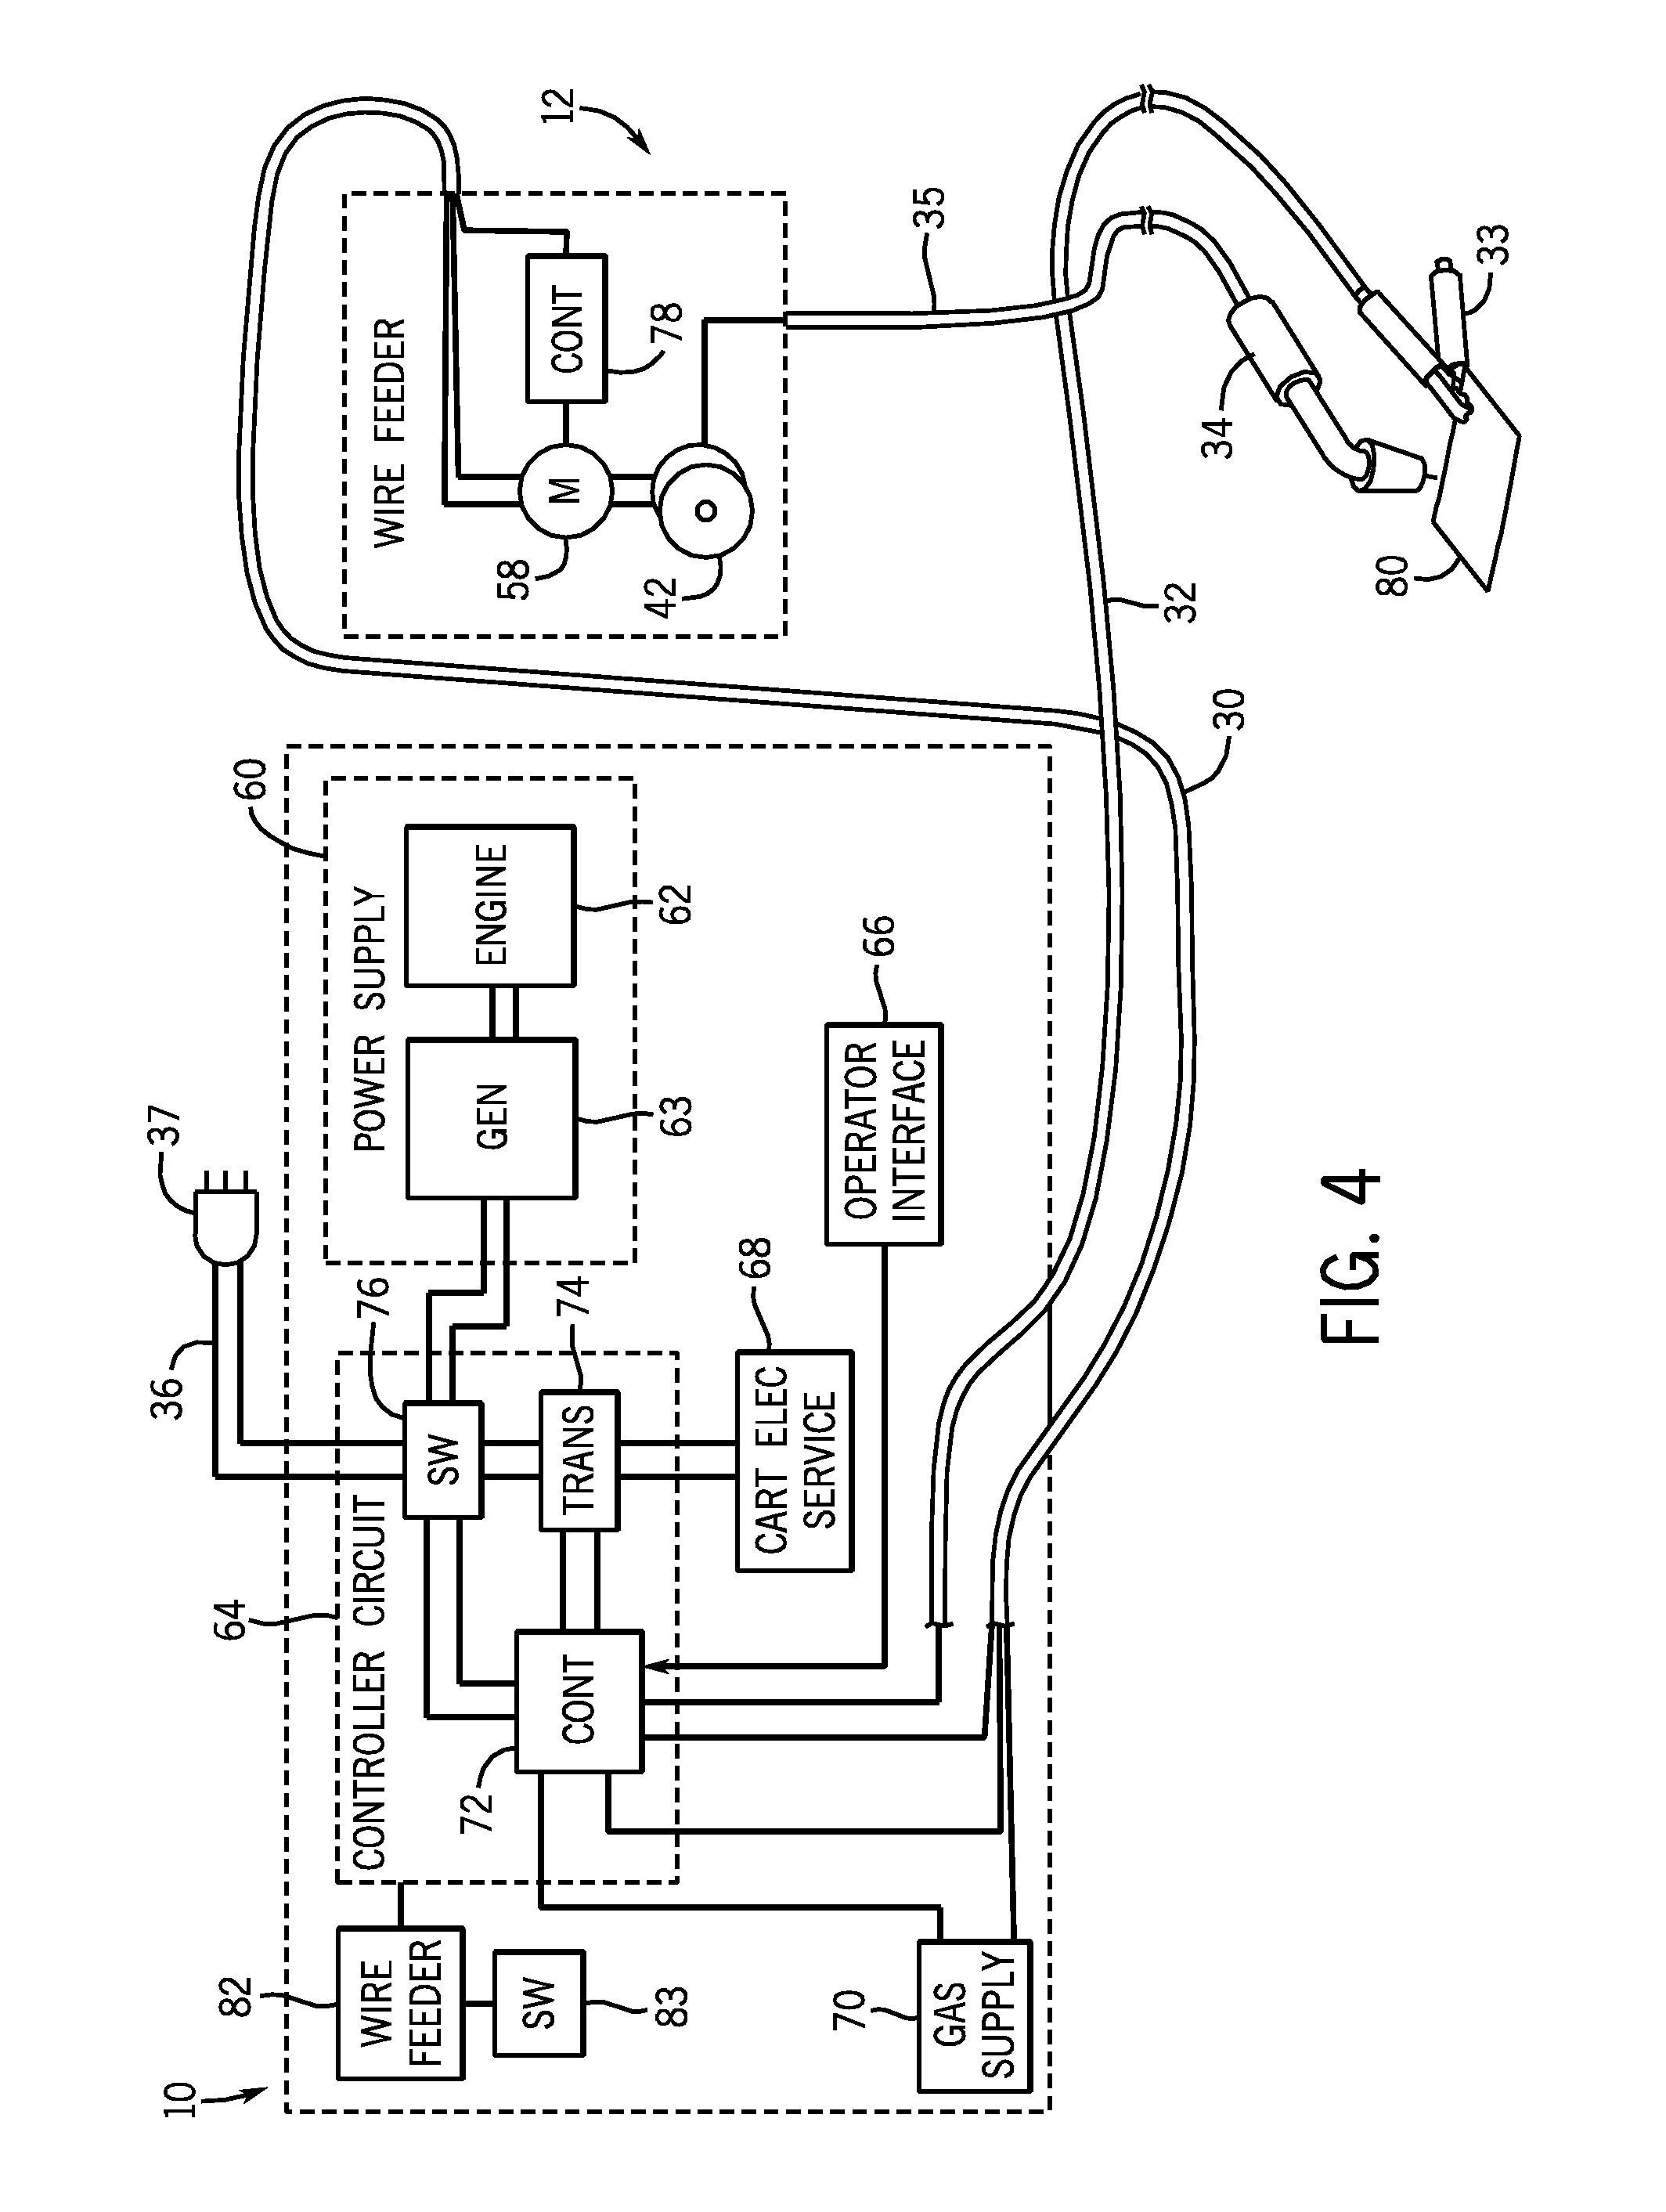 220 Volt Welder Wiring Diagram | Wiring Diagram - 220V Welder Plug Wiring Diagram